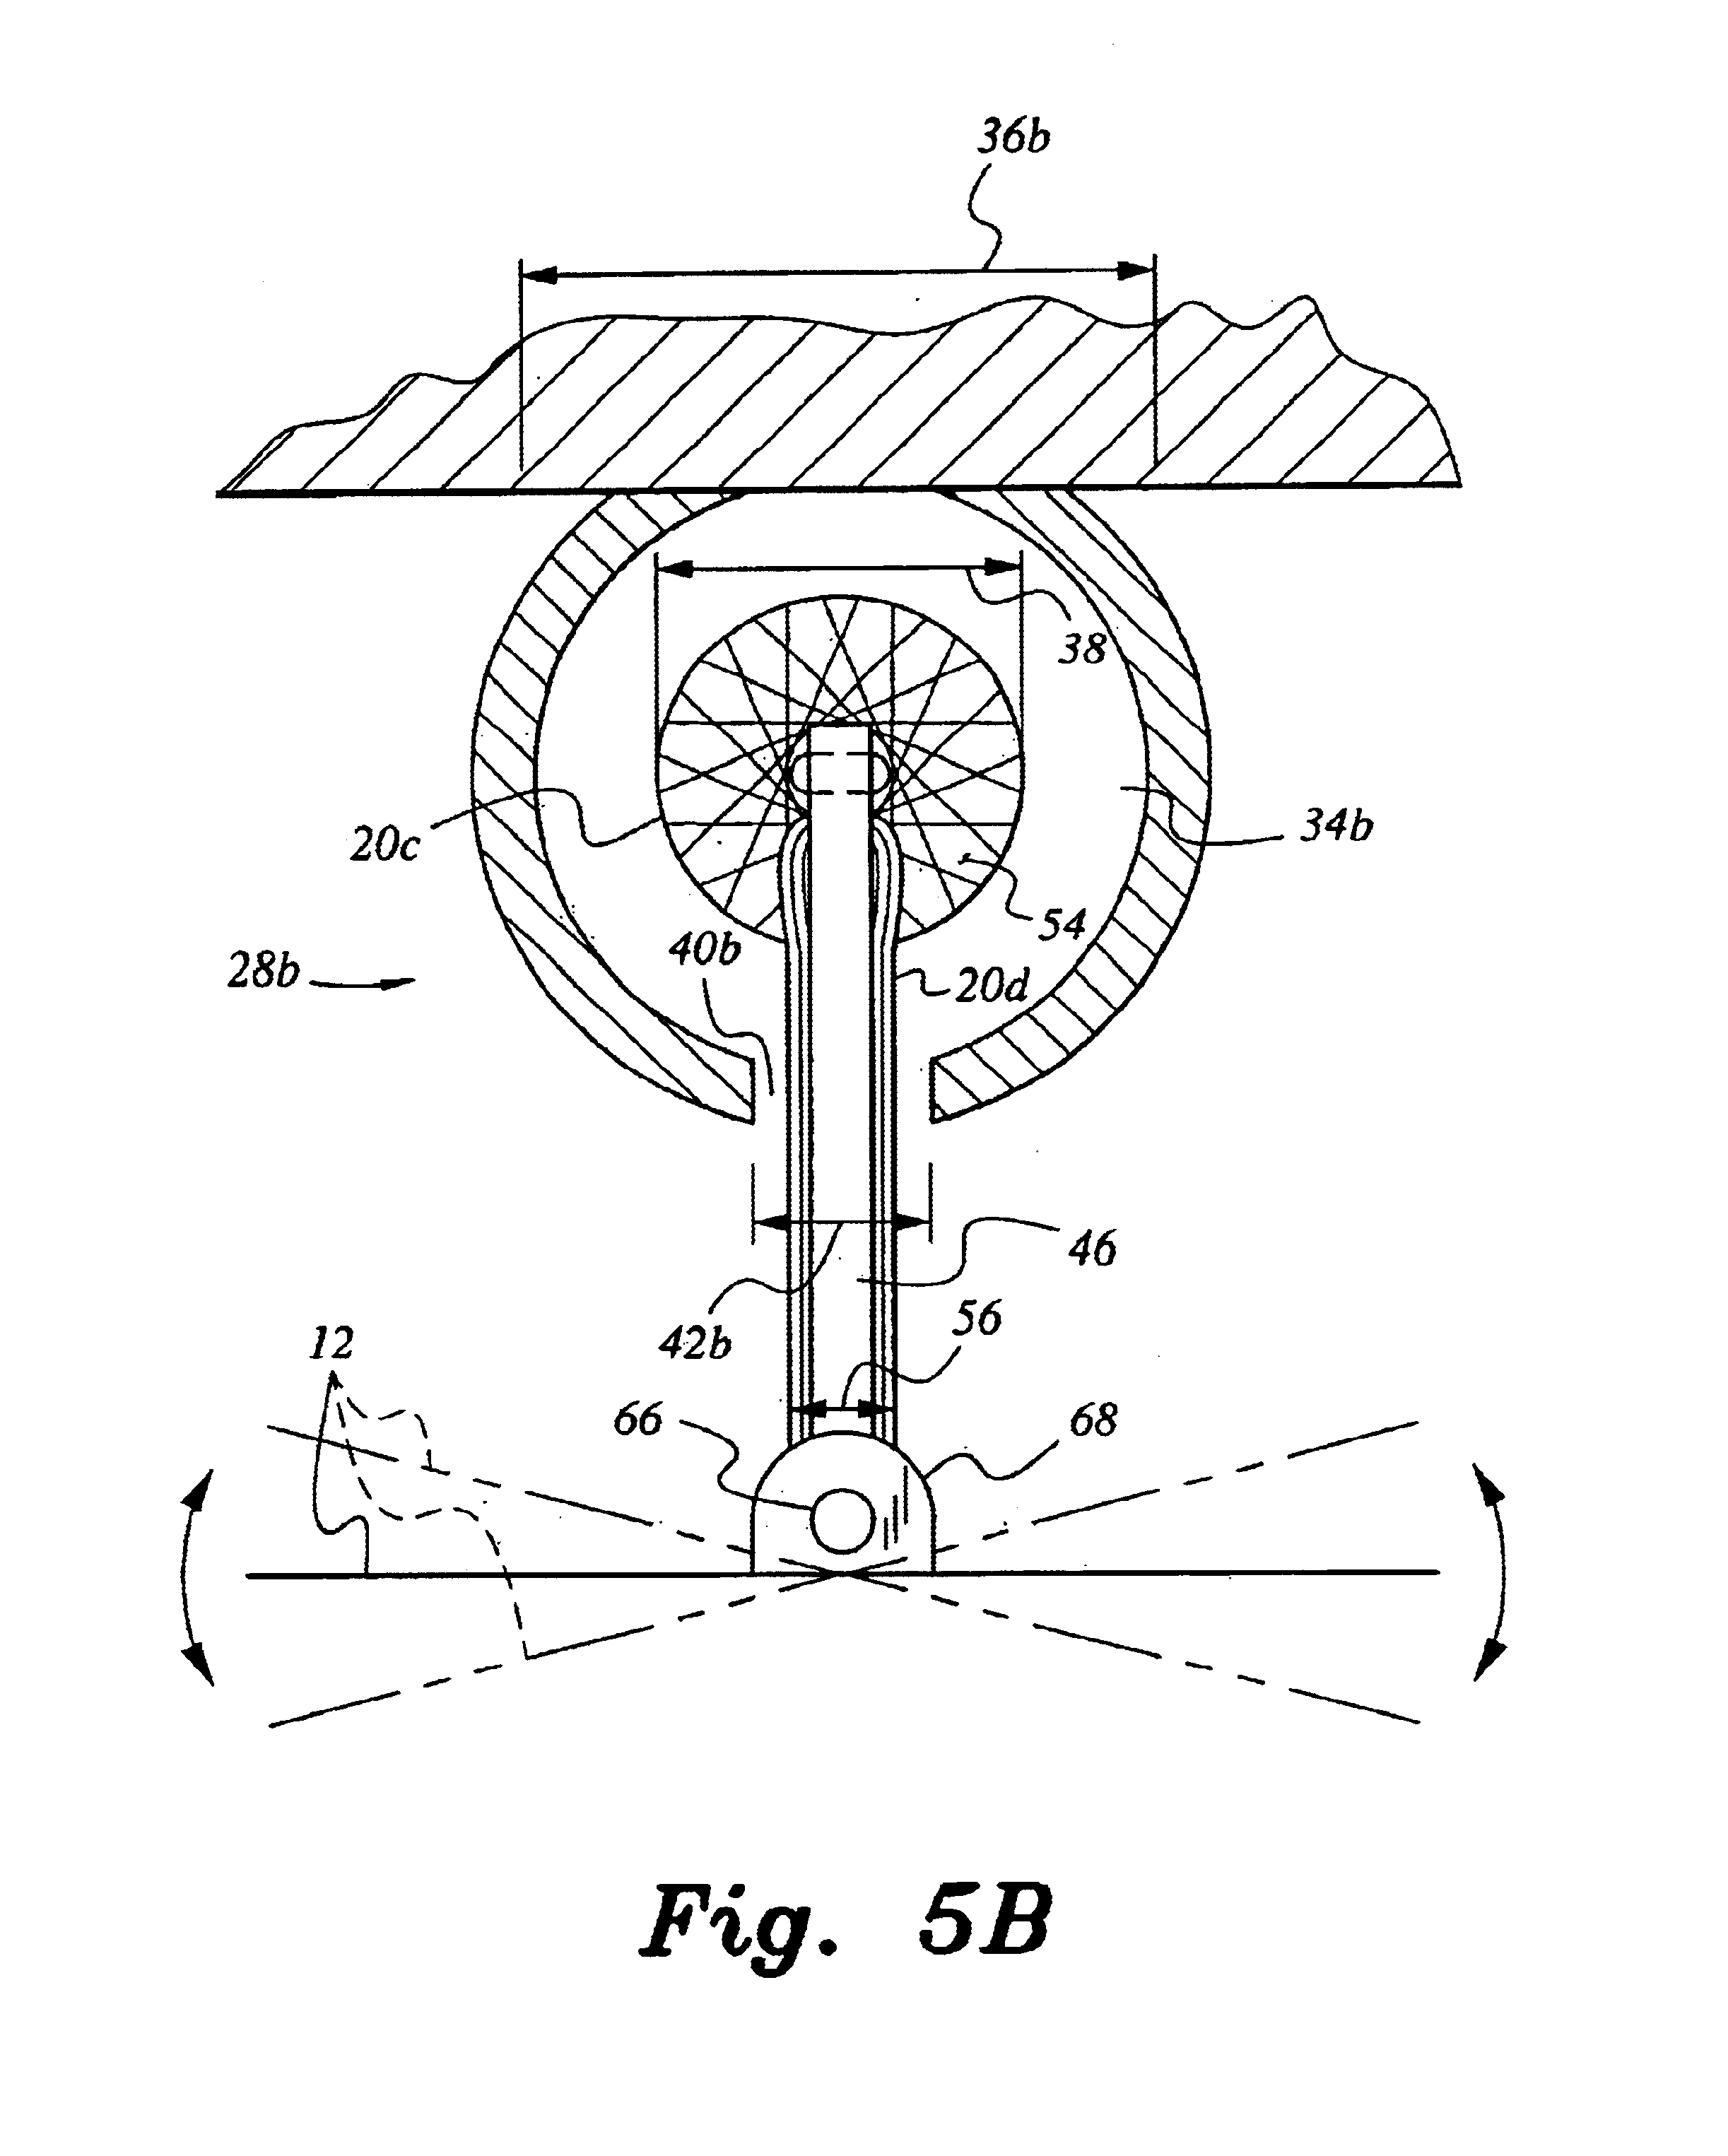 Otis Golf Cart Wiring Diagram | Wiring Diagram Otis Elevator Ke Wiring Diagram on